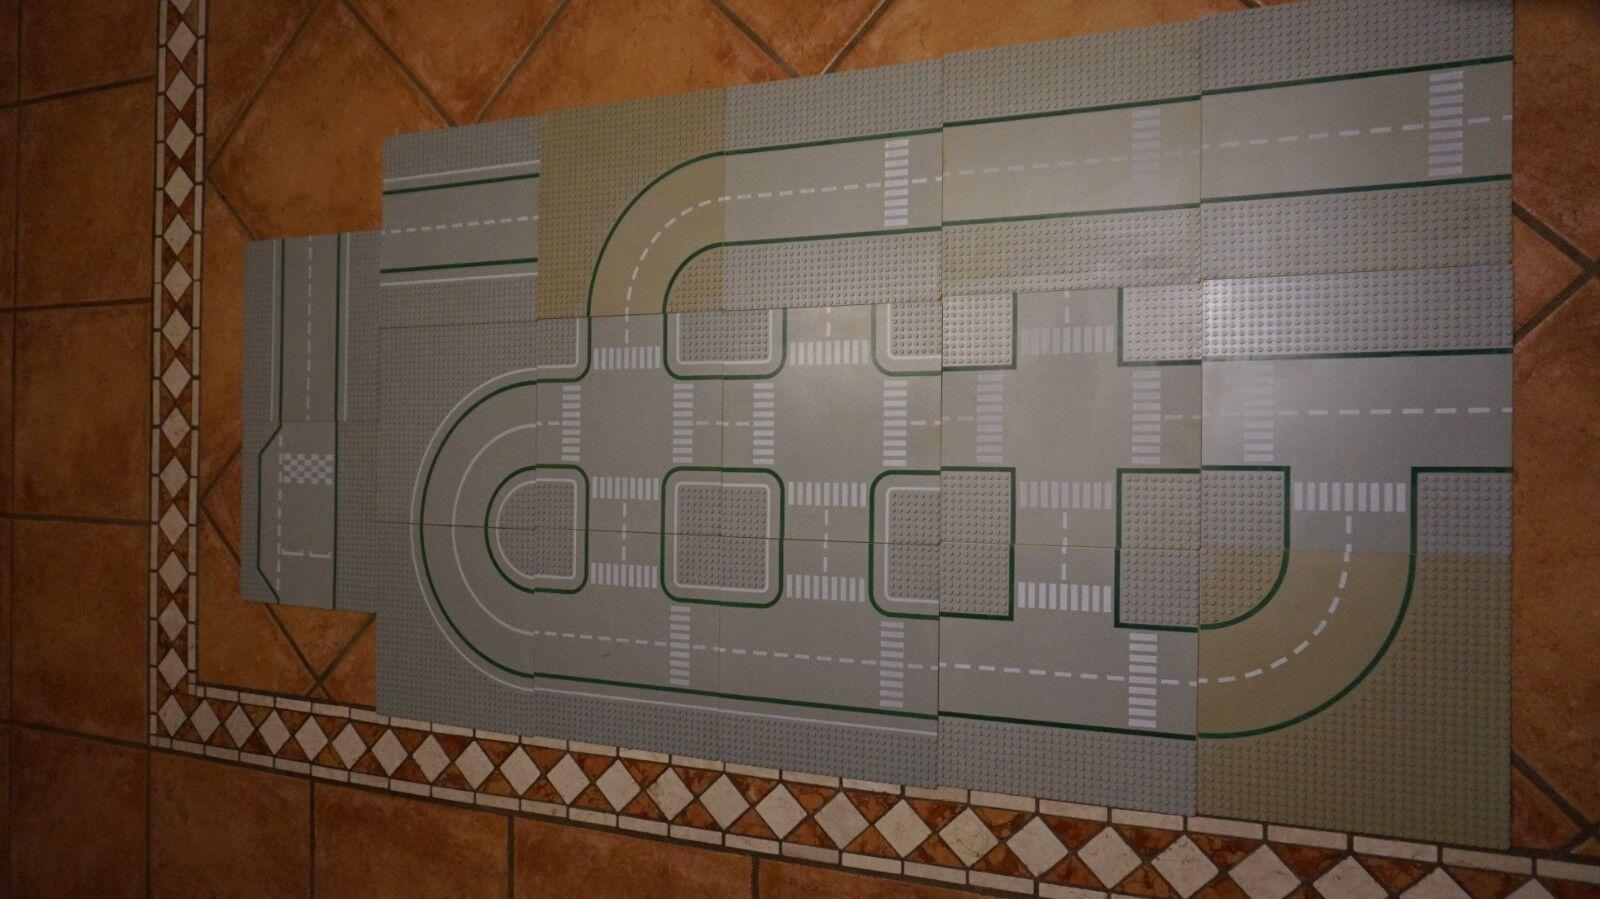 LEGO LEGO LEGO ™ 17xStraßenplatten grau Gerade Kurve Kreuzung Rennstrecke Zebrastreifen 4b1f1c